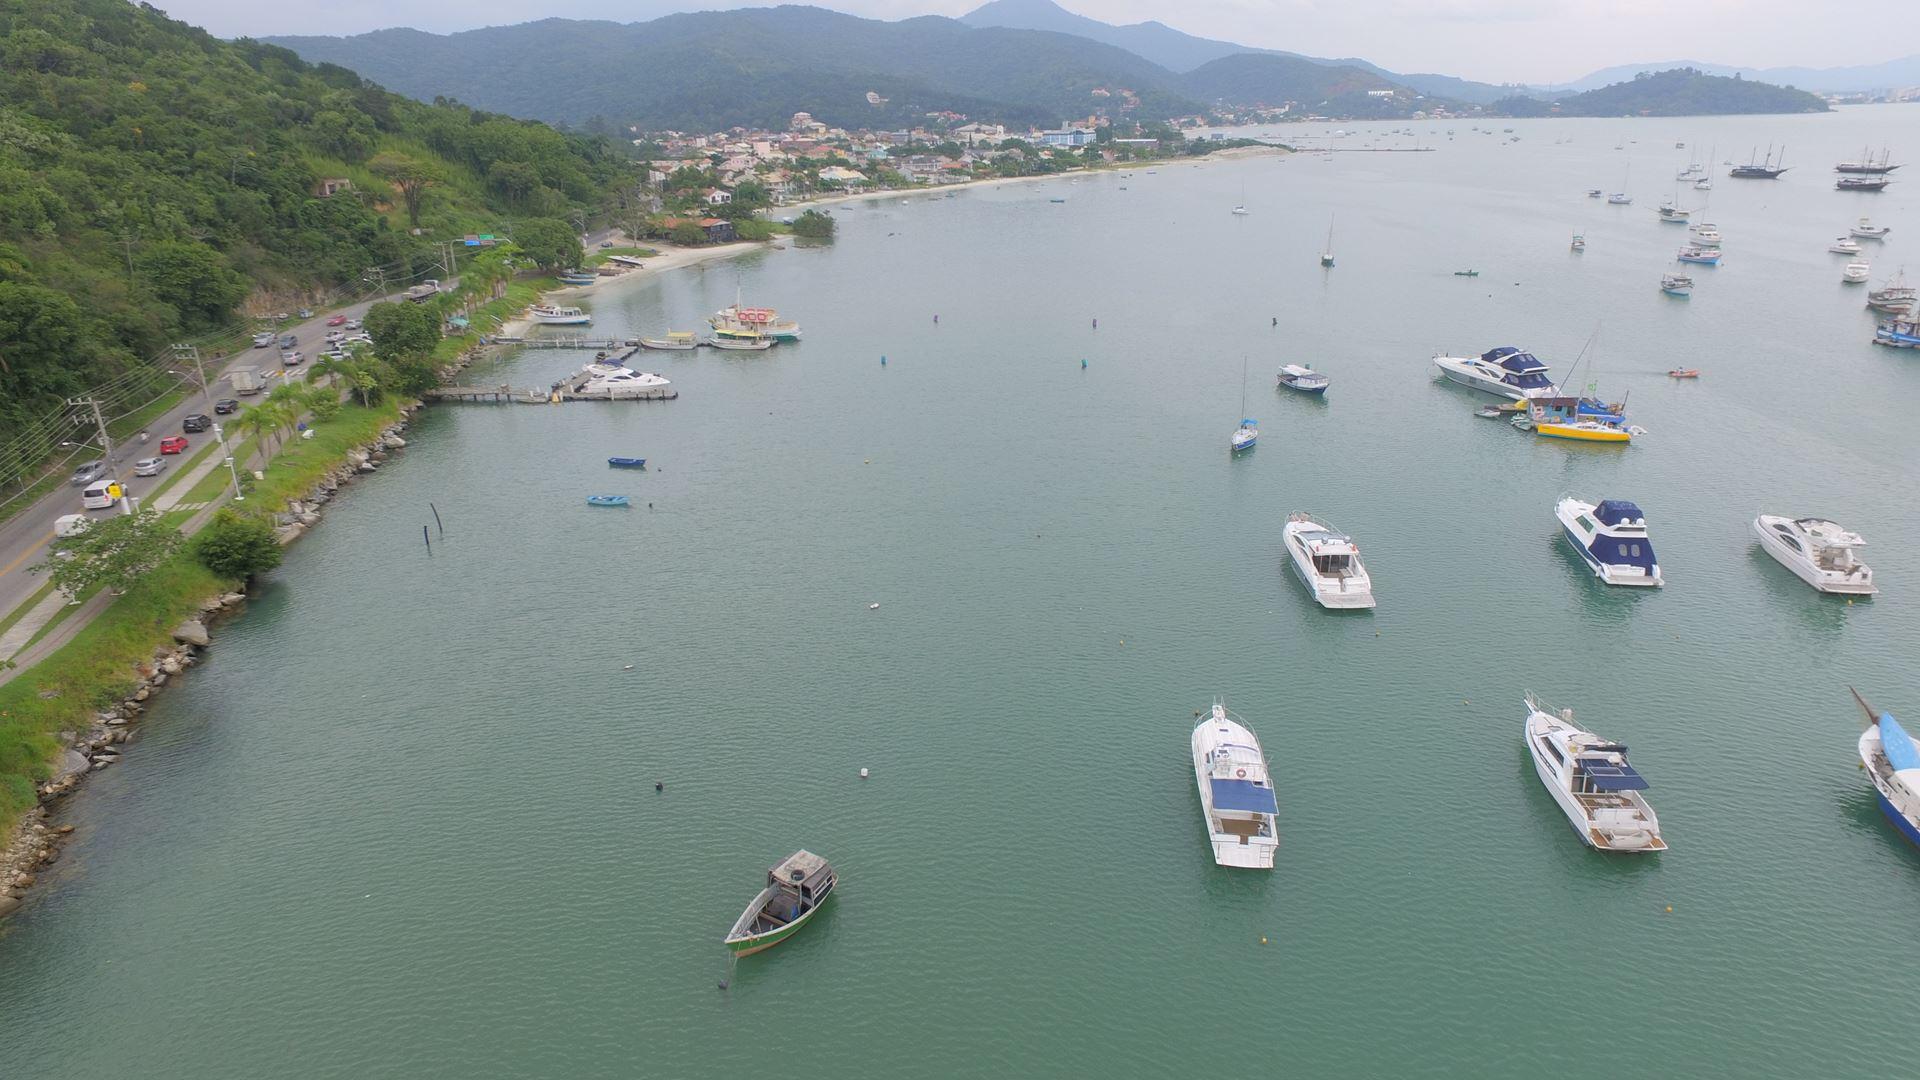 PORTO BELO - NOTA OFICIAL - Mancha de óleo no mar de Porto Belo